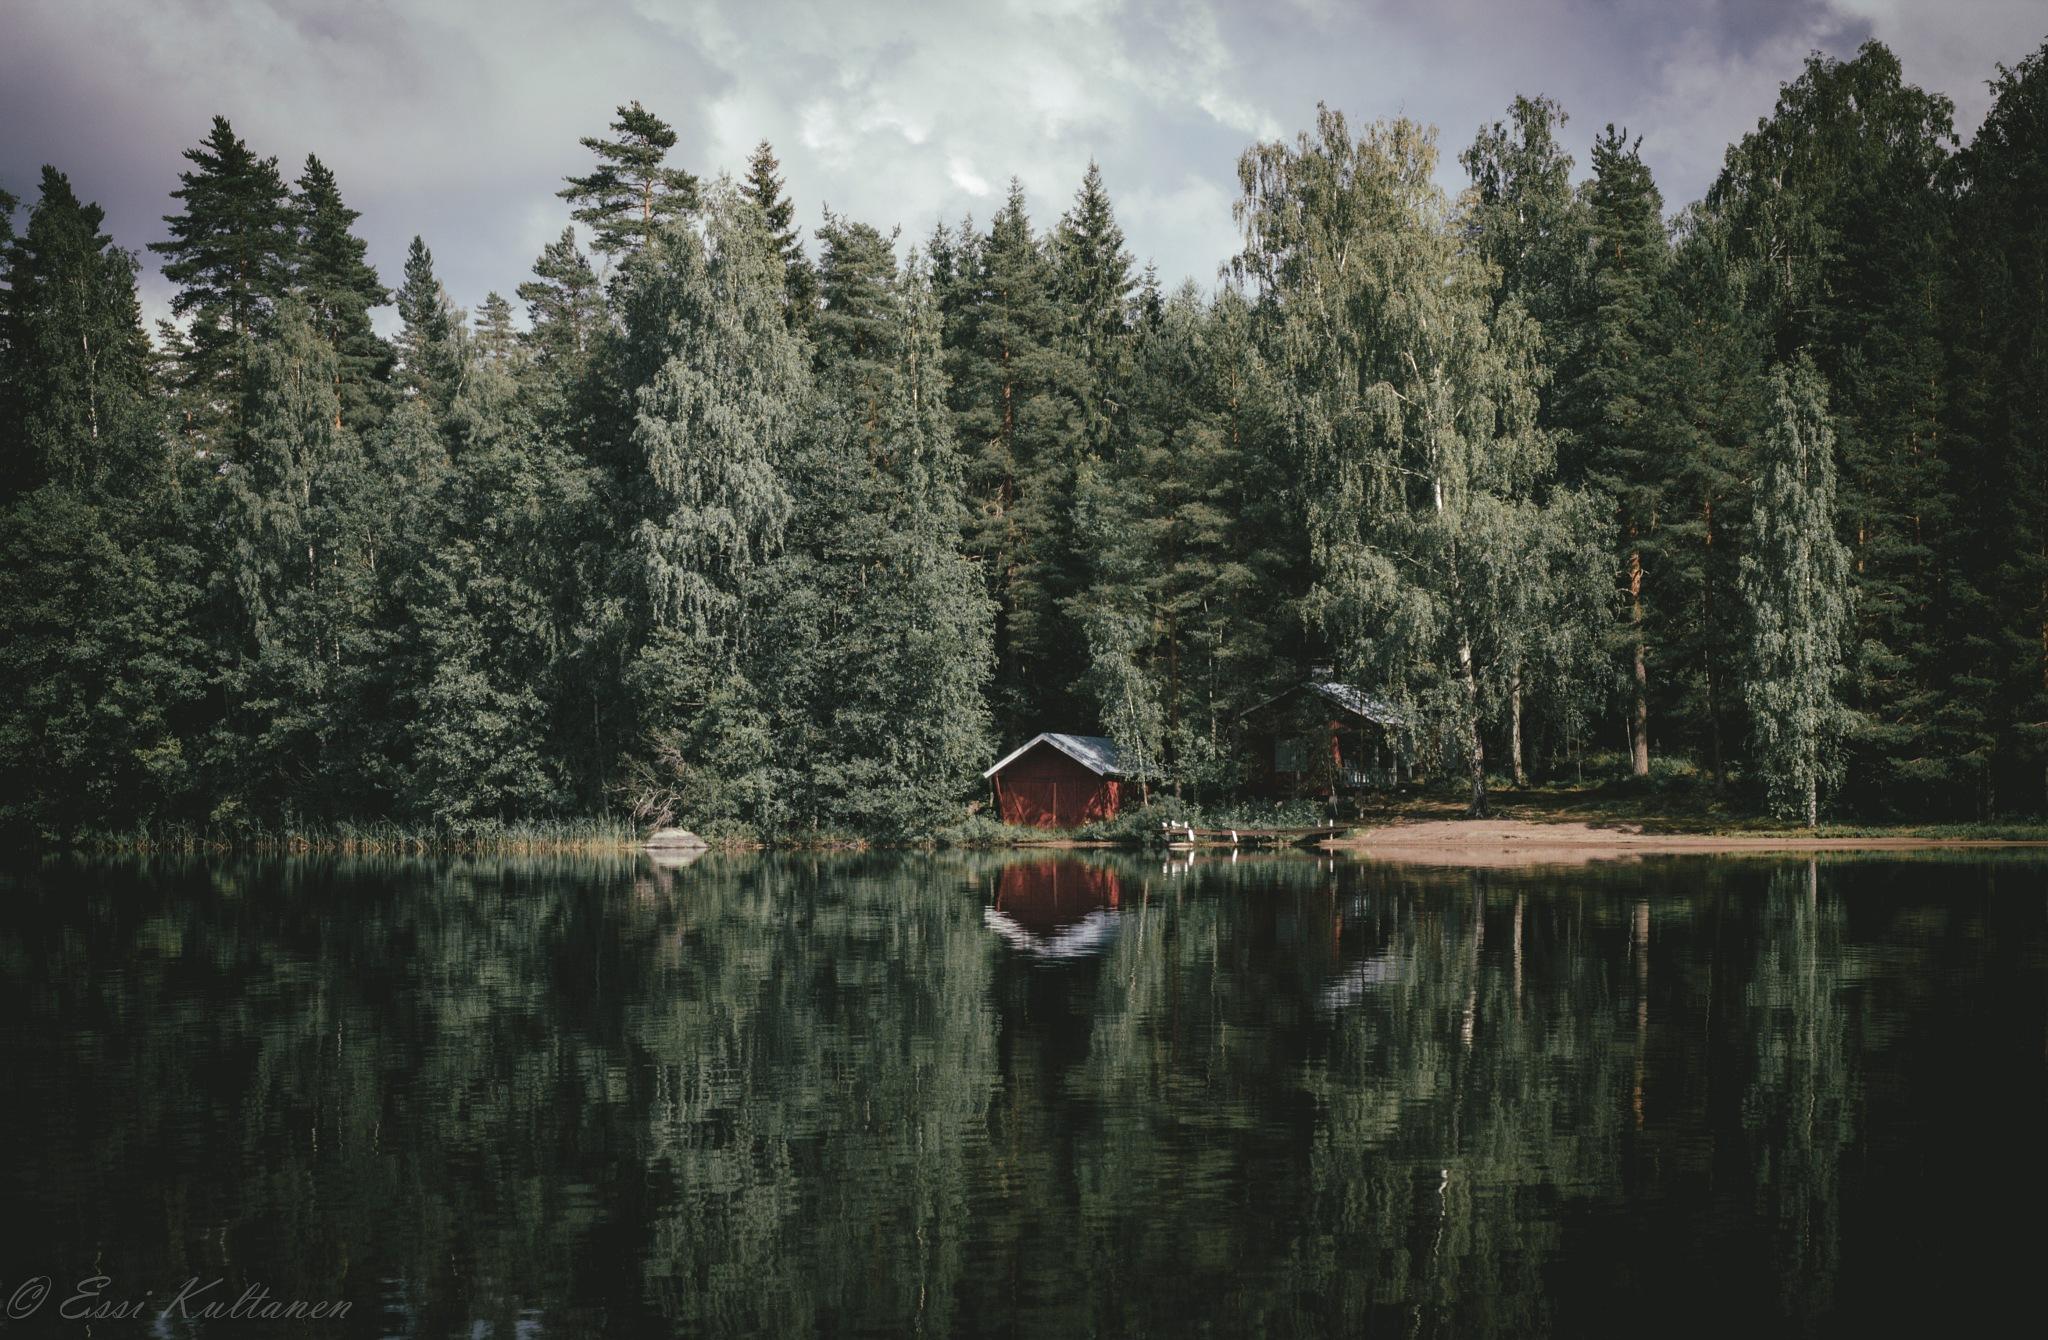 Alone by Essi Kultanen